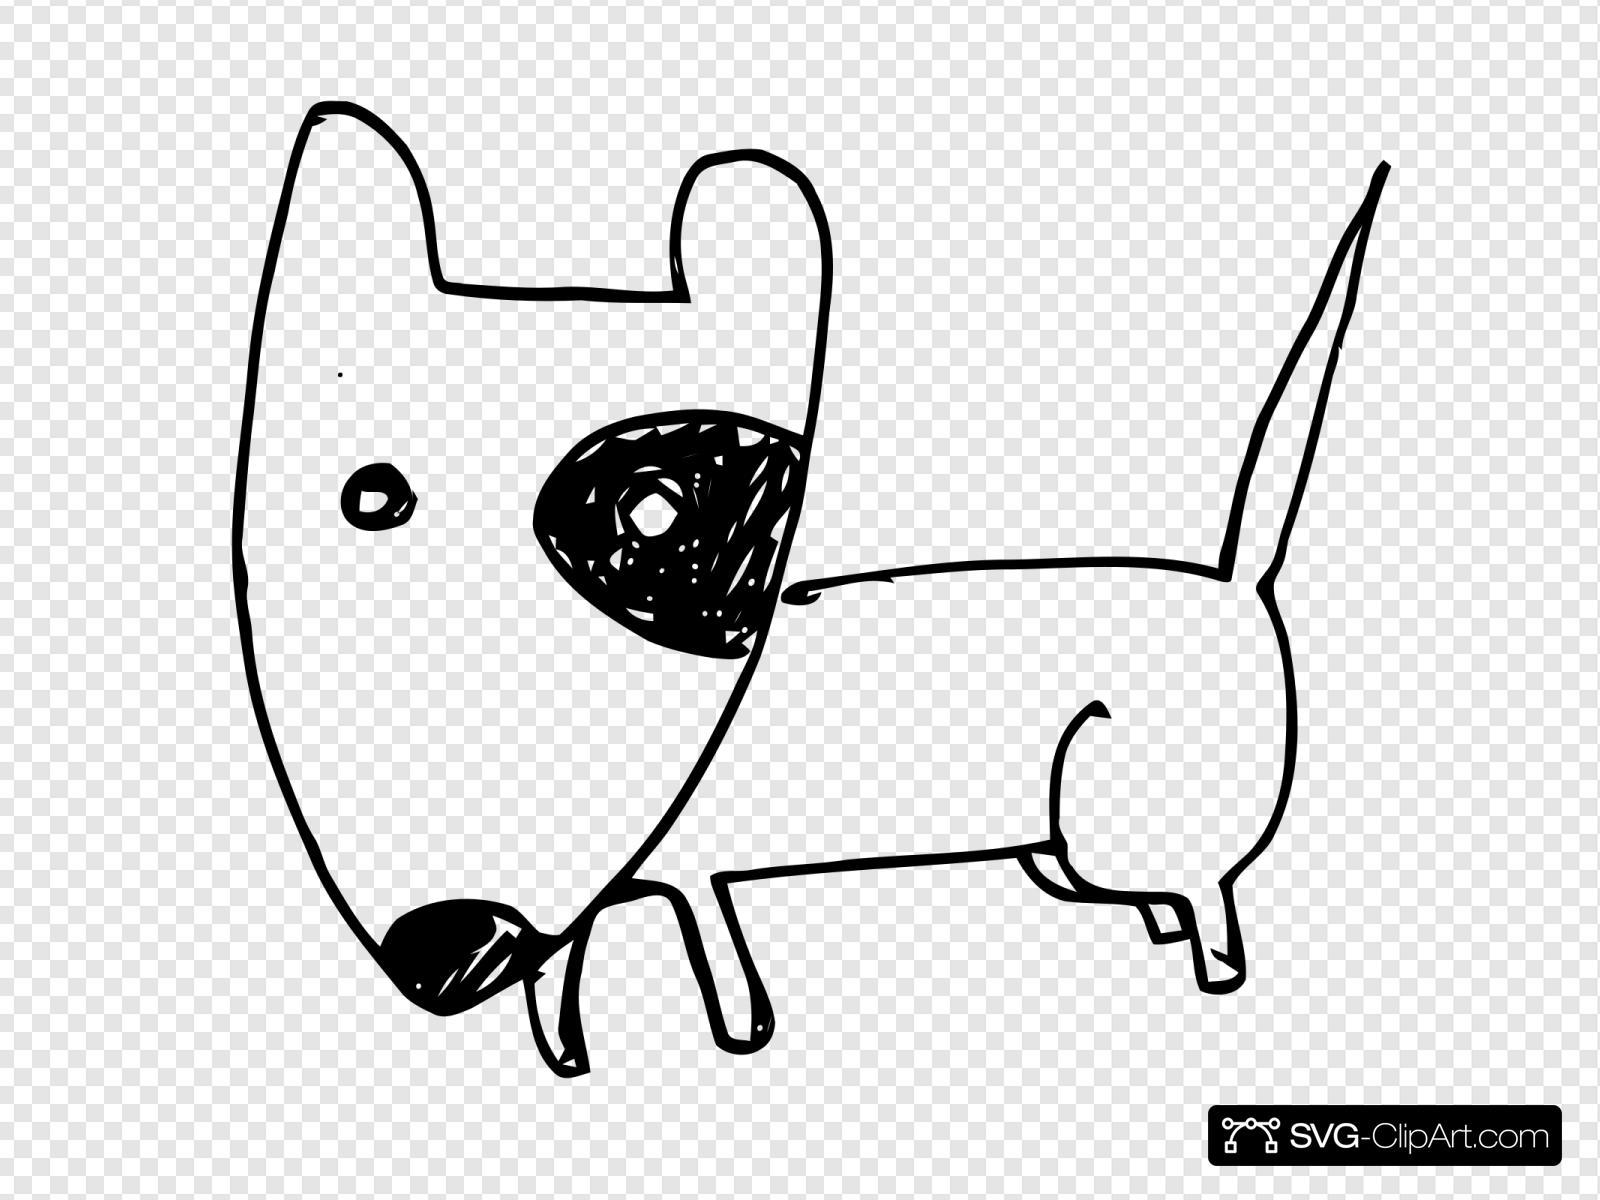 Bull Terrier Dog Svg Vector Bull Terrier Dog Clip Art Svg Clipart